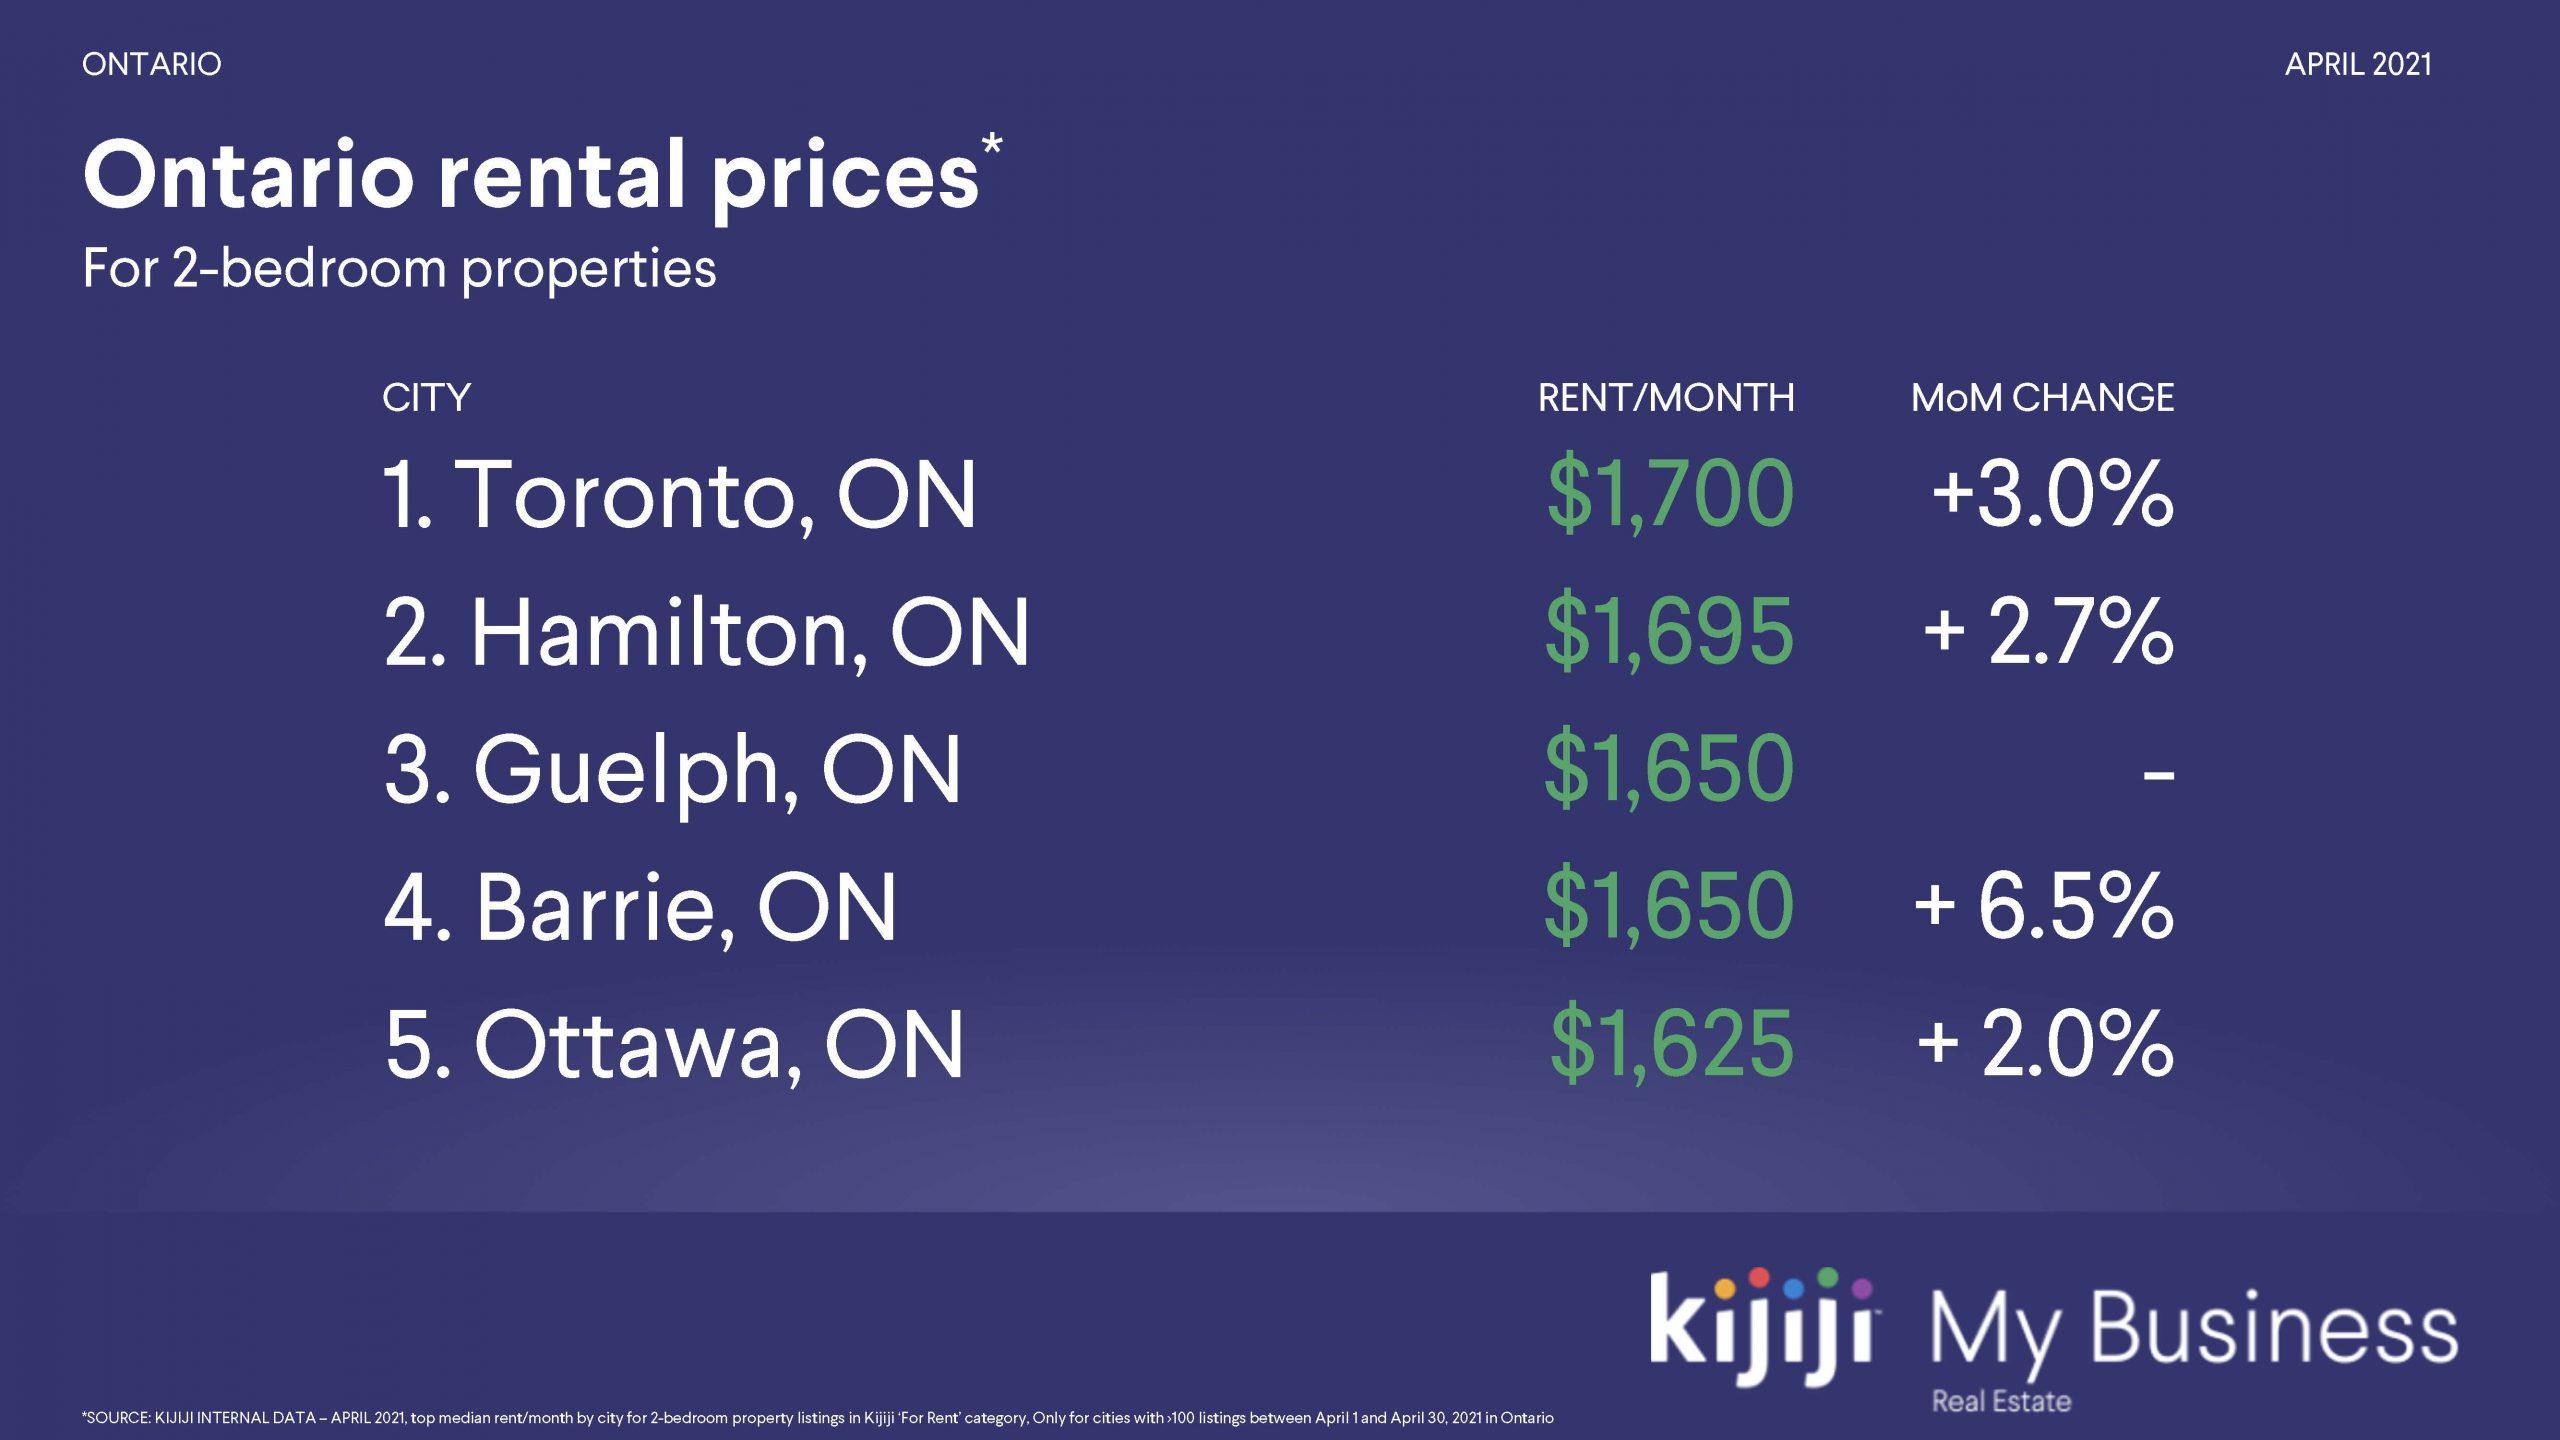 Kijiji Rentals Ontario - Pricing April 2021